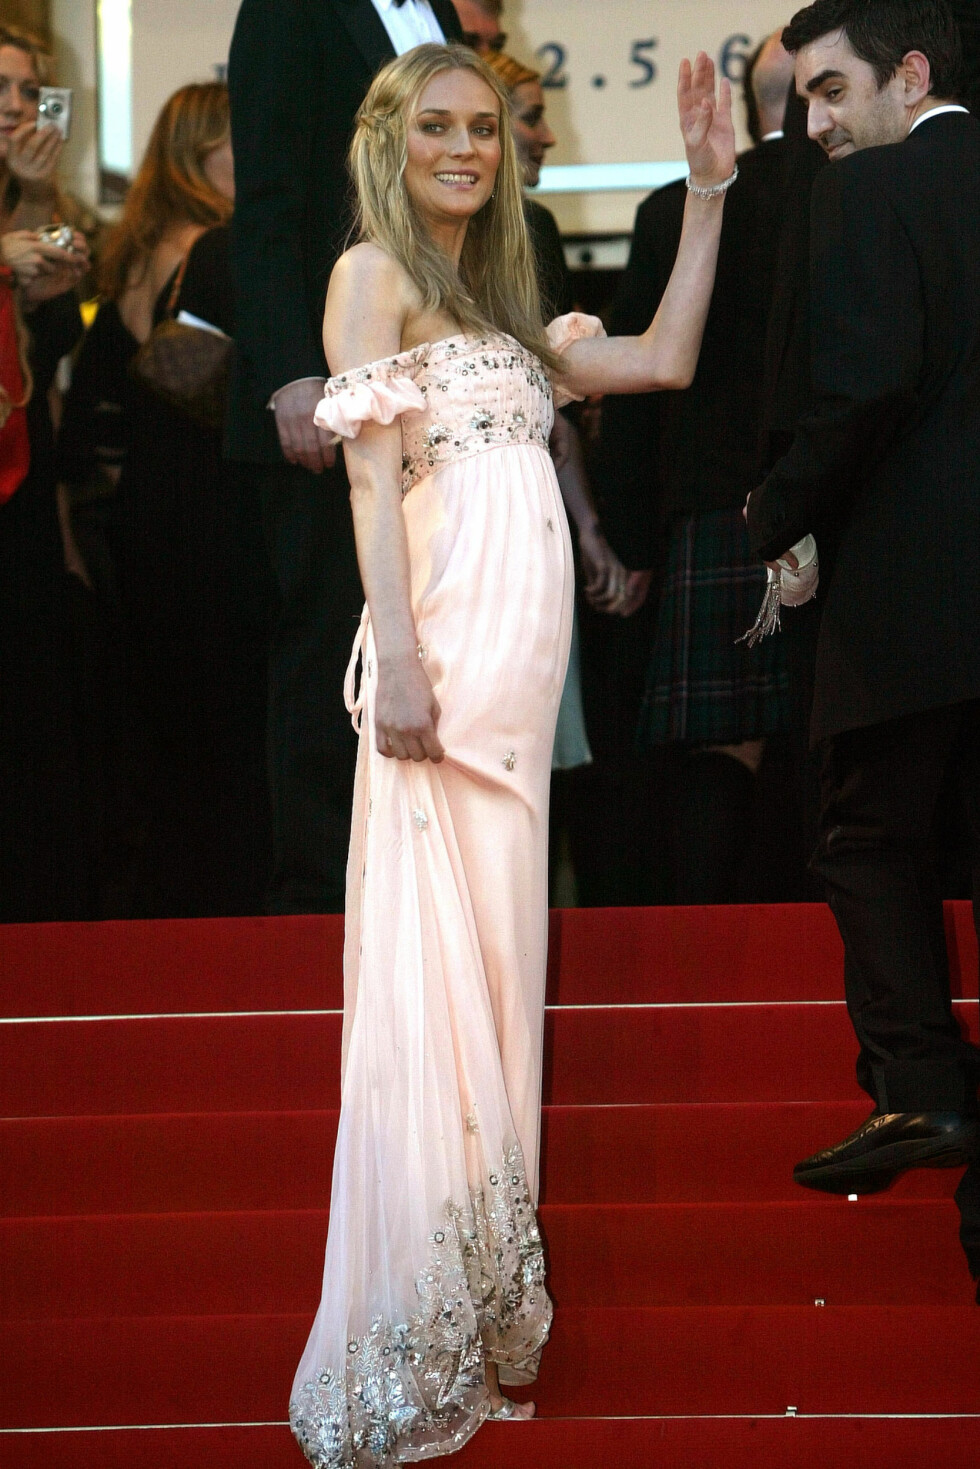 Skuespiller Diane Kruger, 2005.  Foto: Scanpix